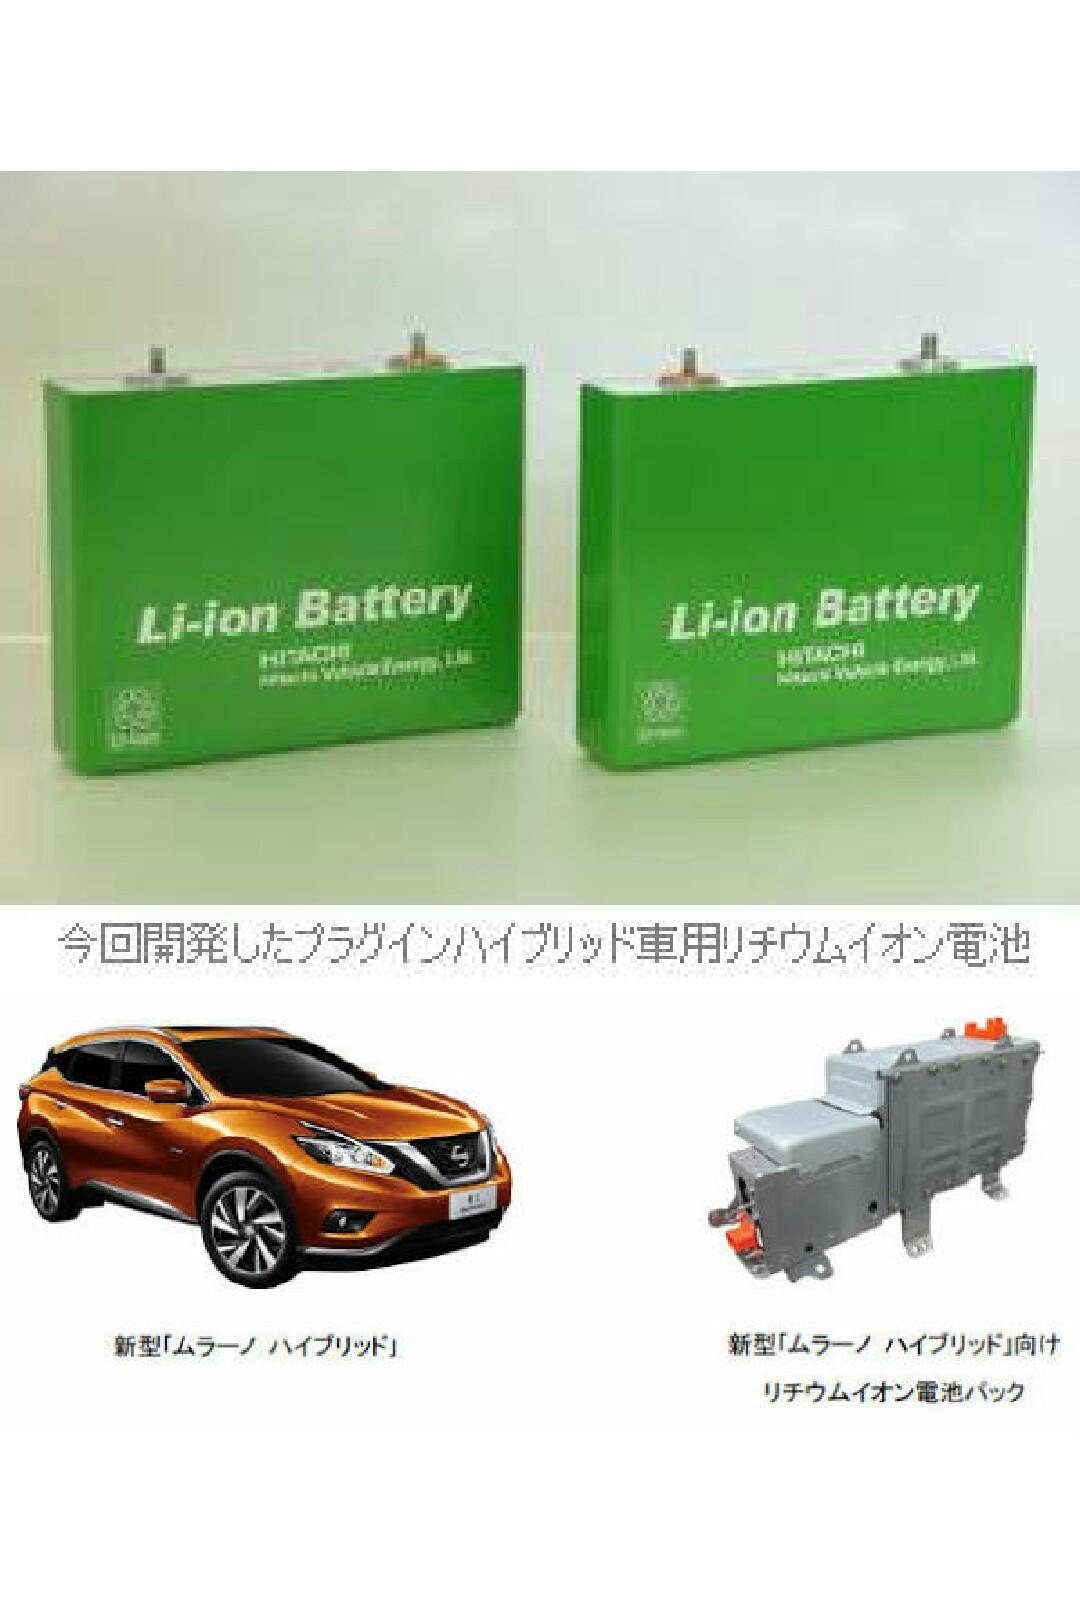 日立リチウムイオン電池